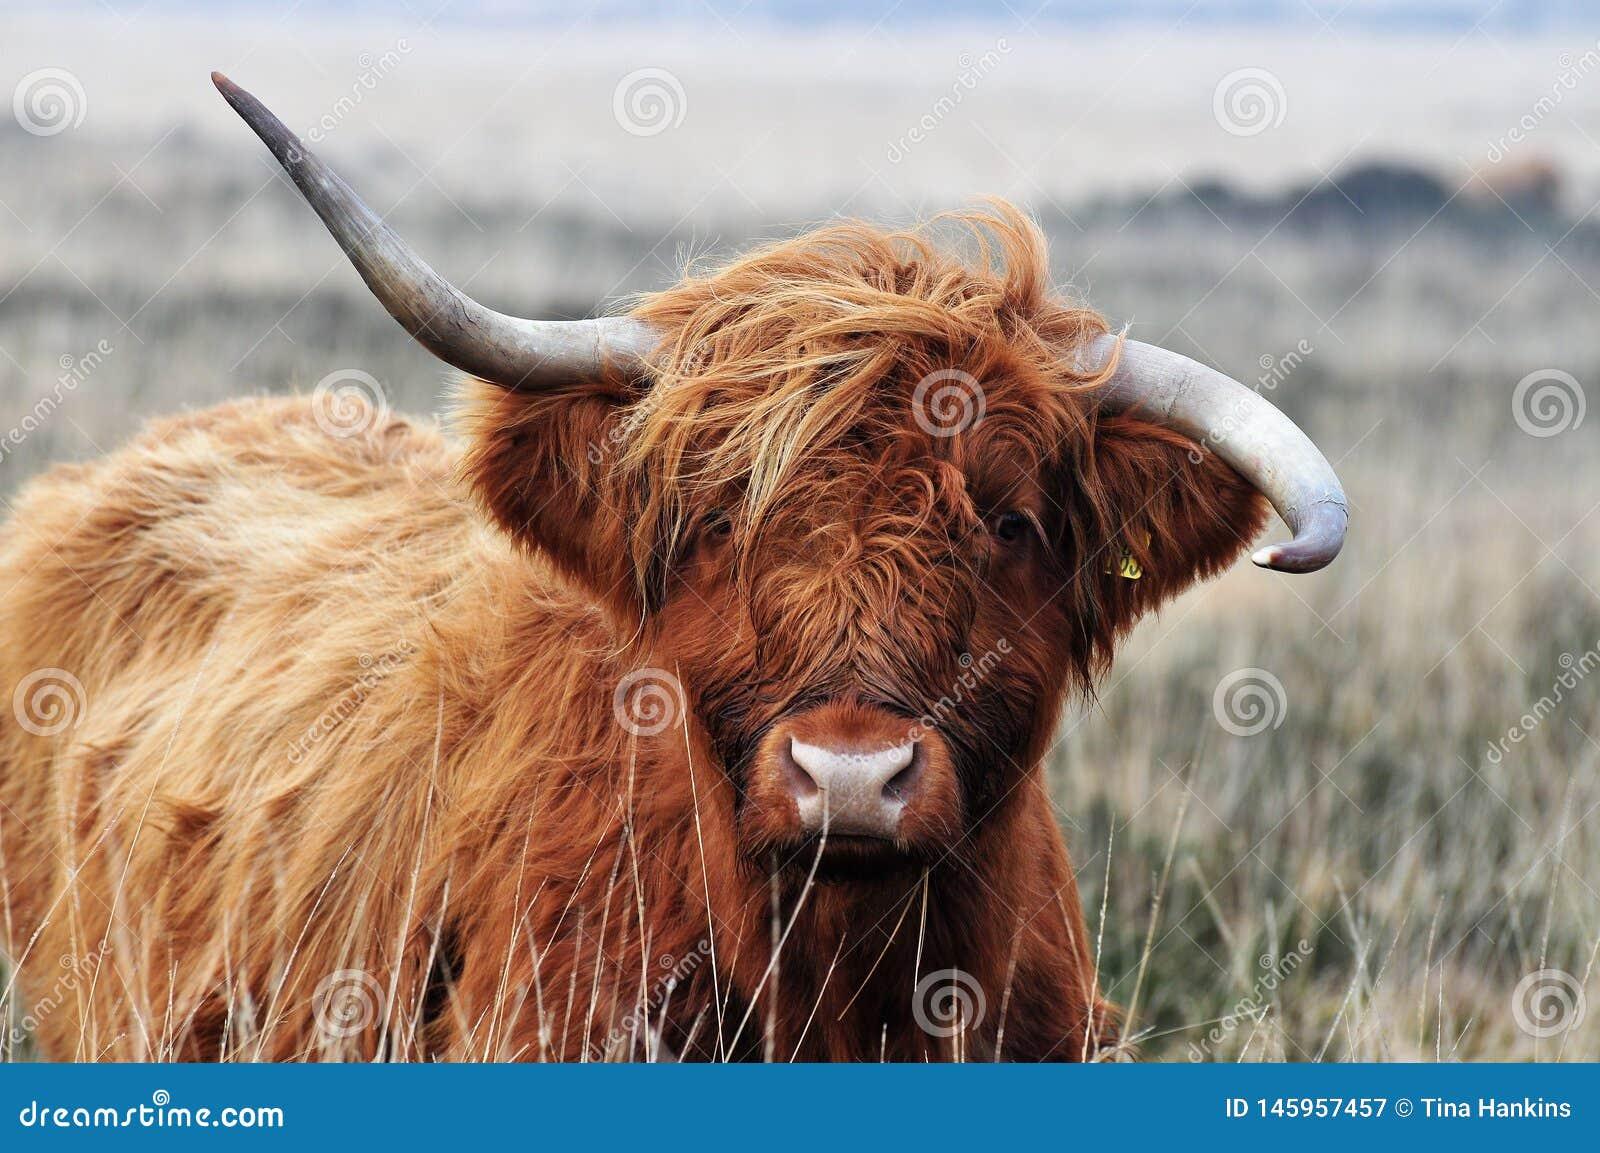 Vaca escocesa das montanhas com horms wonky